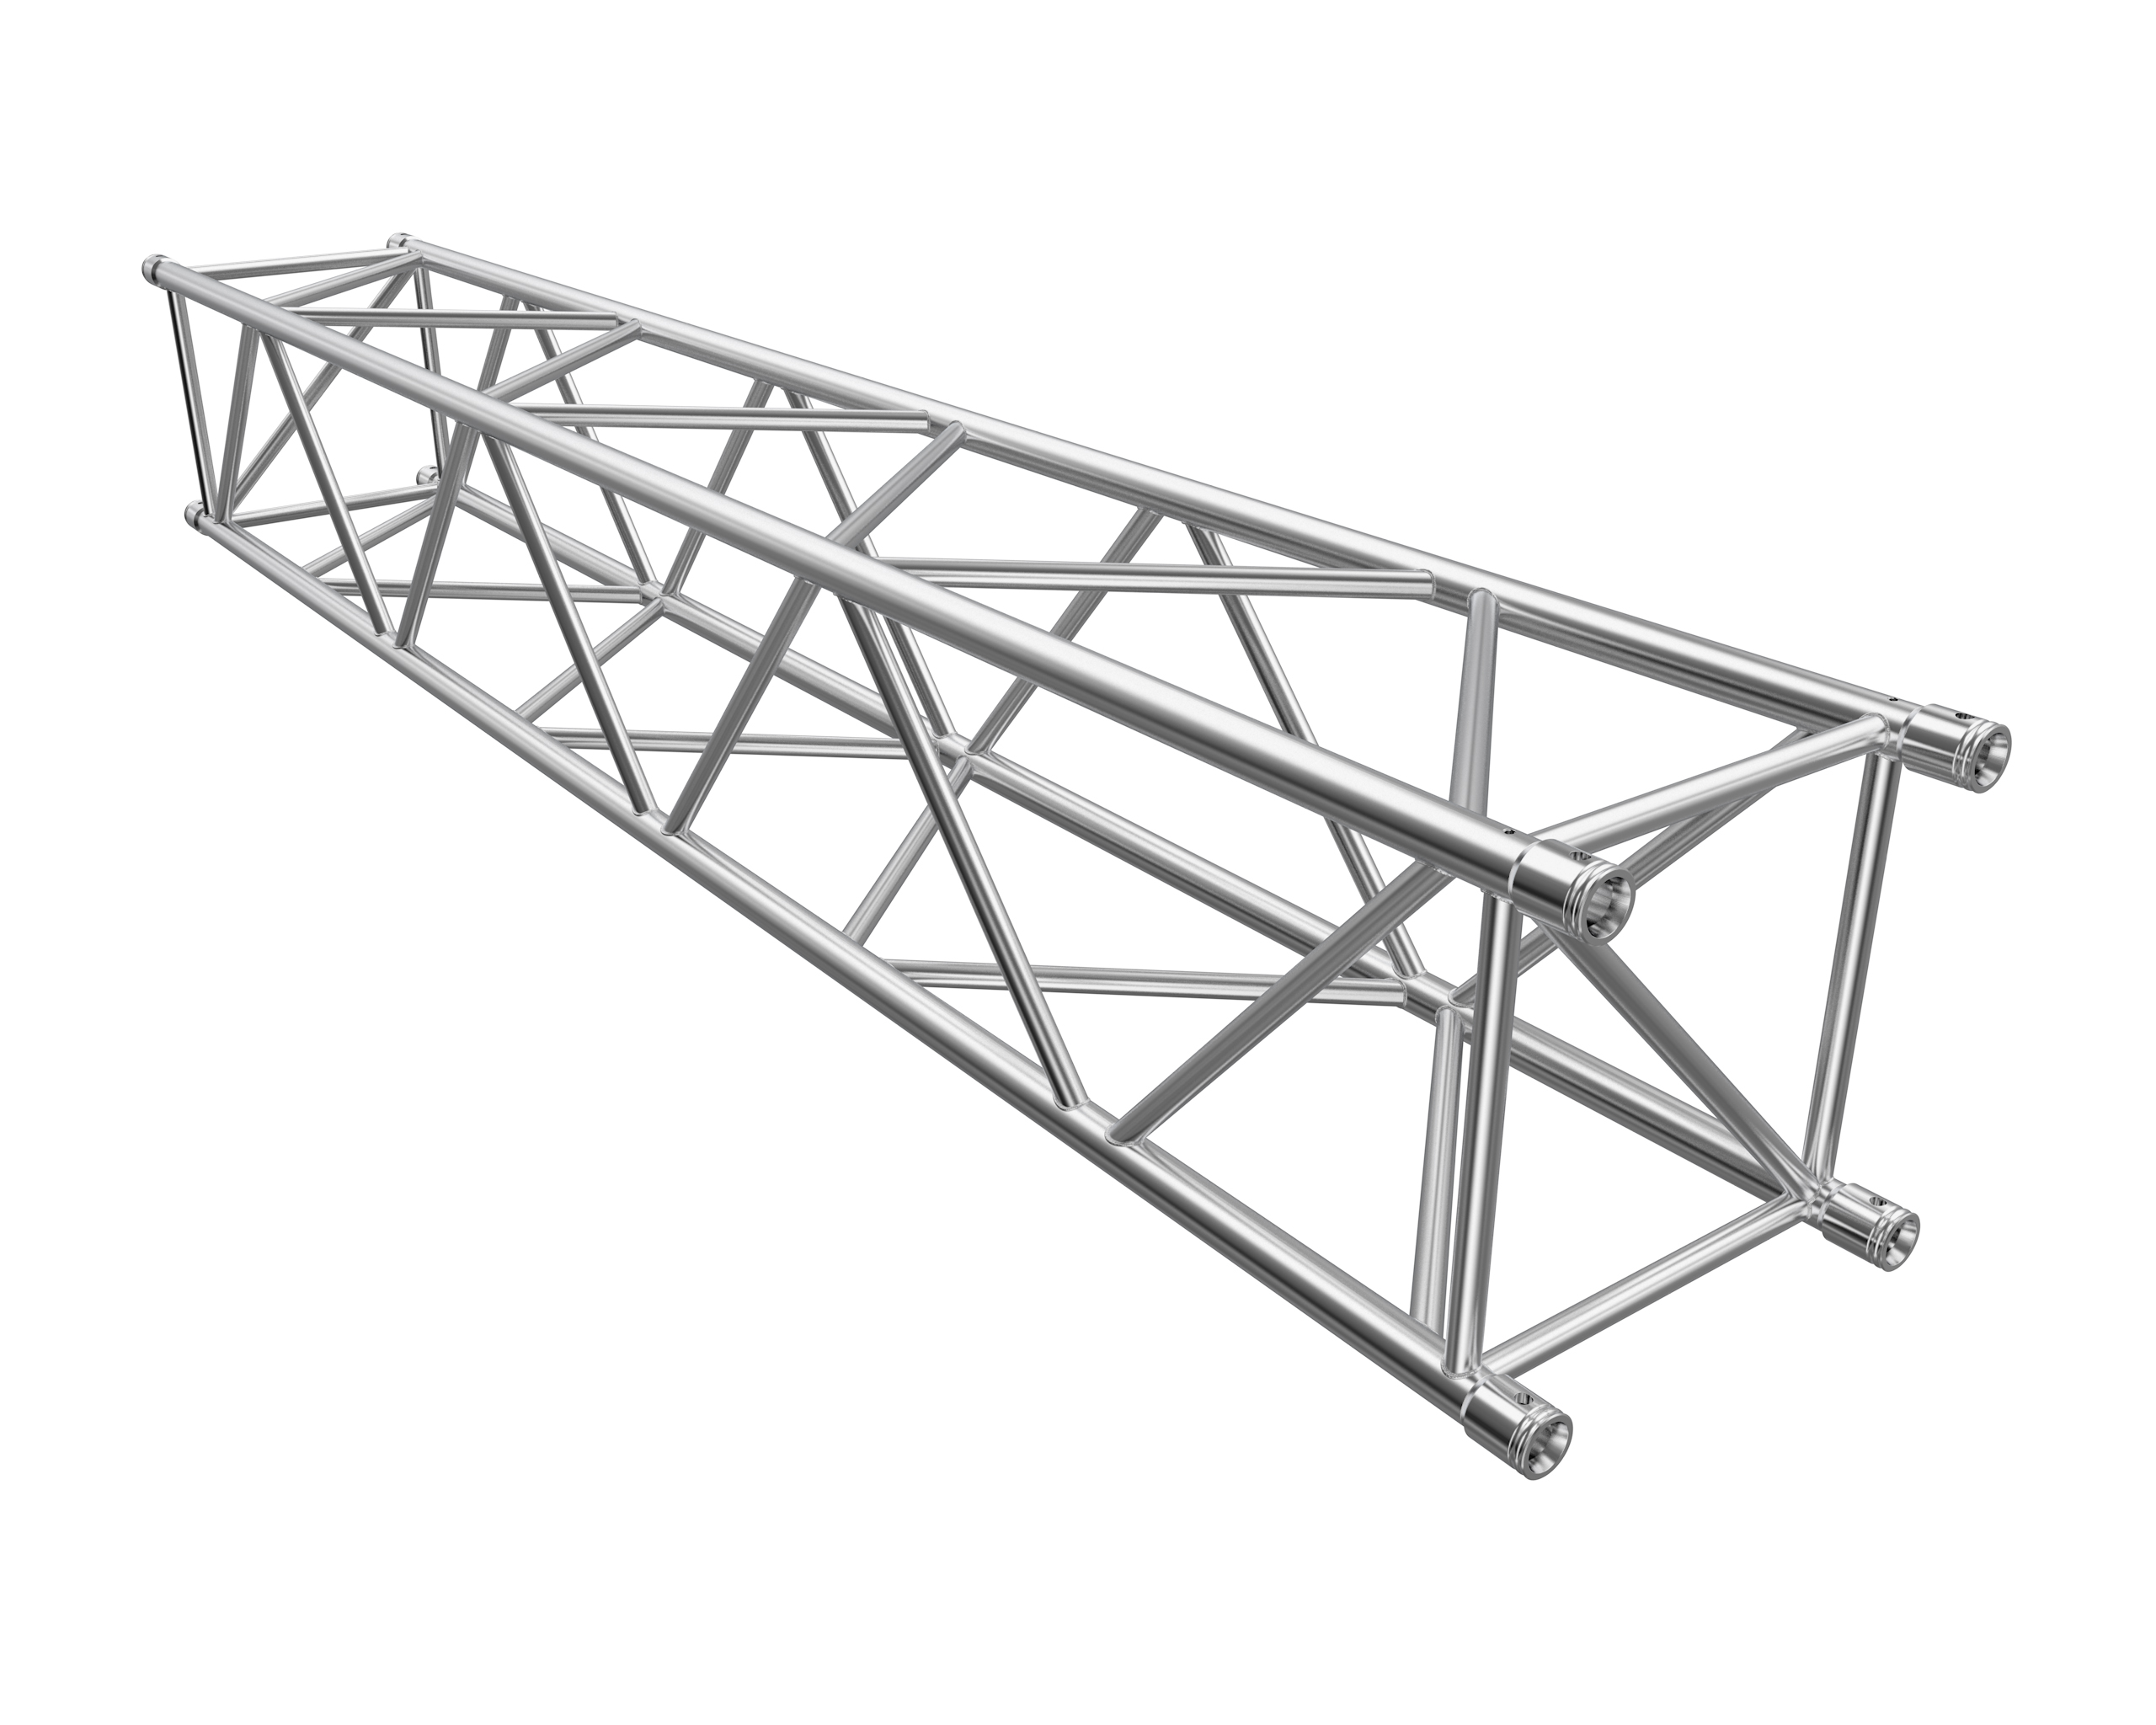 F54 350cm